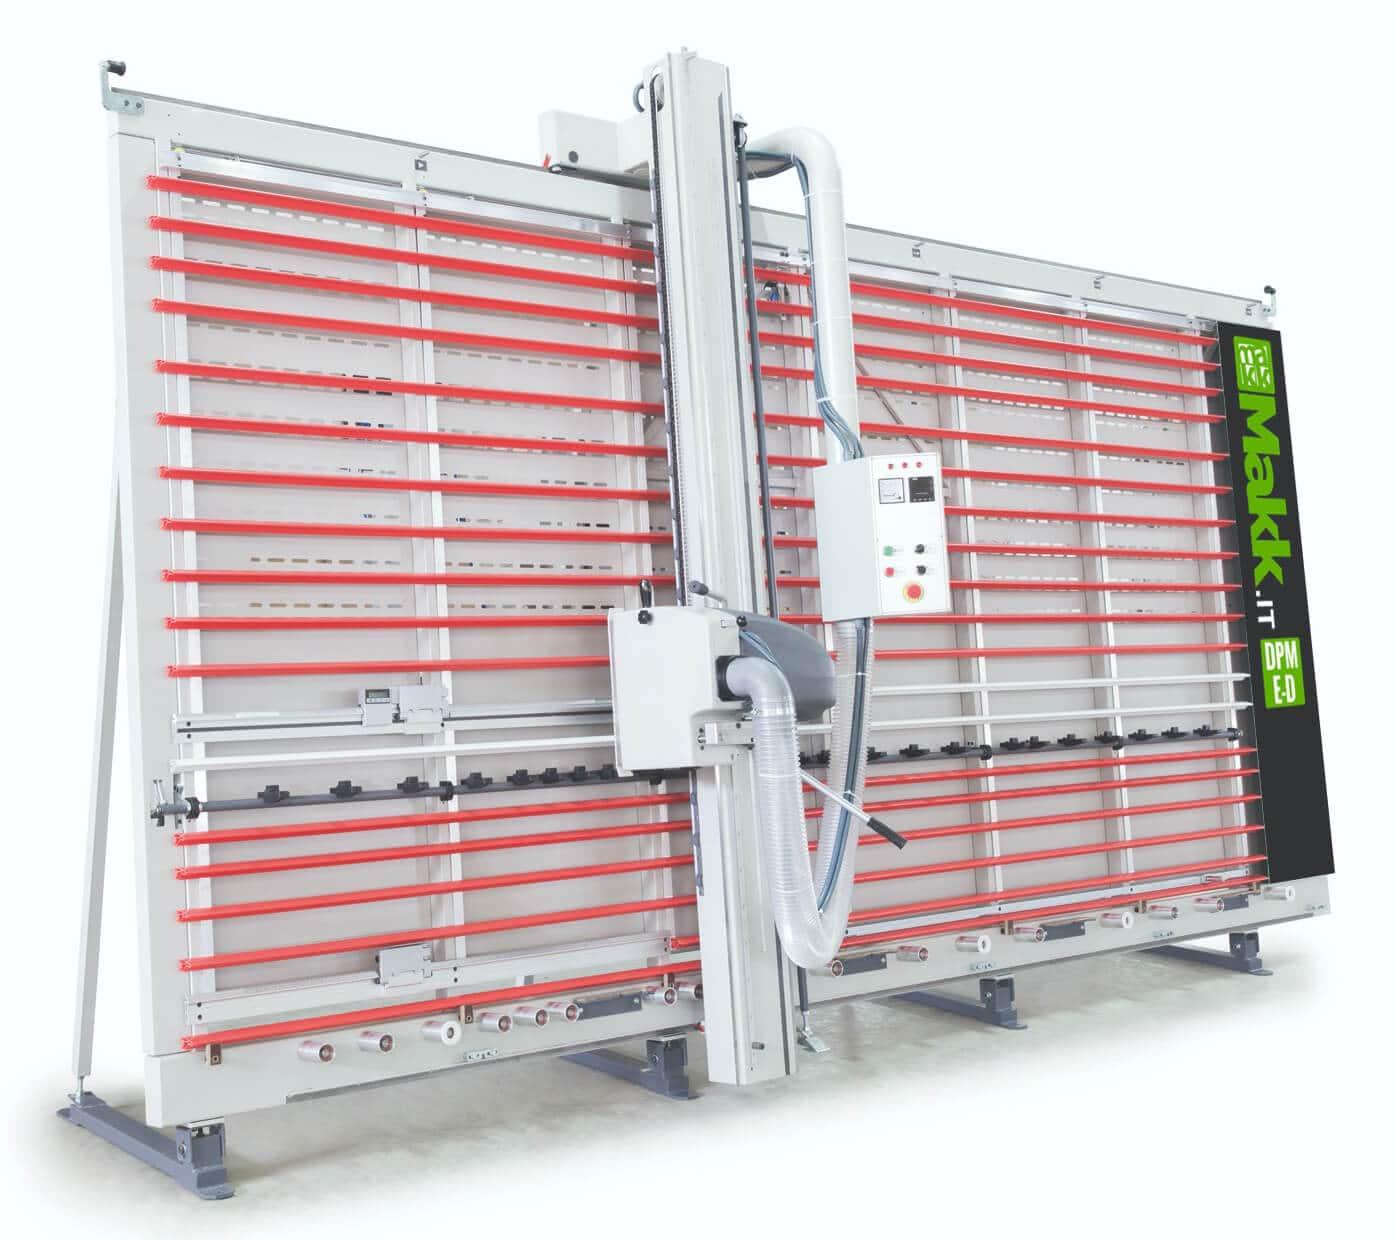 Sezionatrice verticale MAKK DPME-D 2